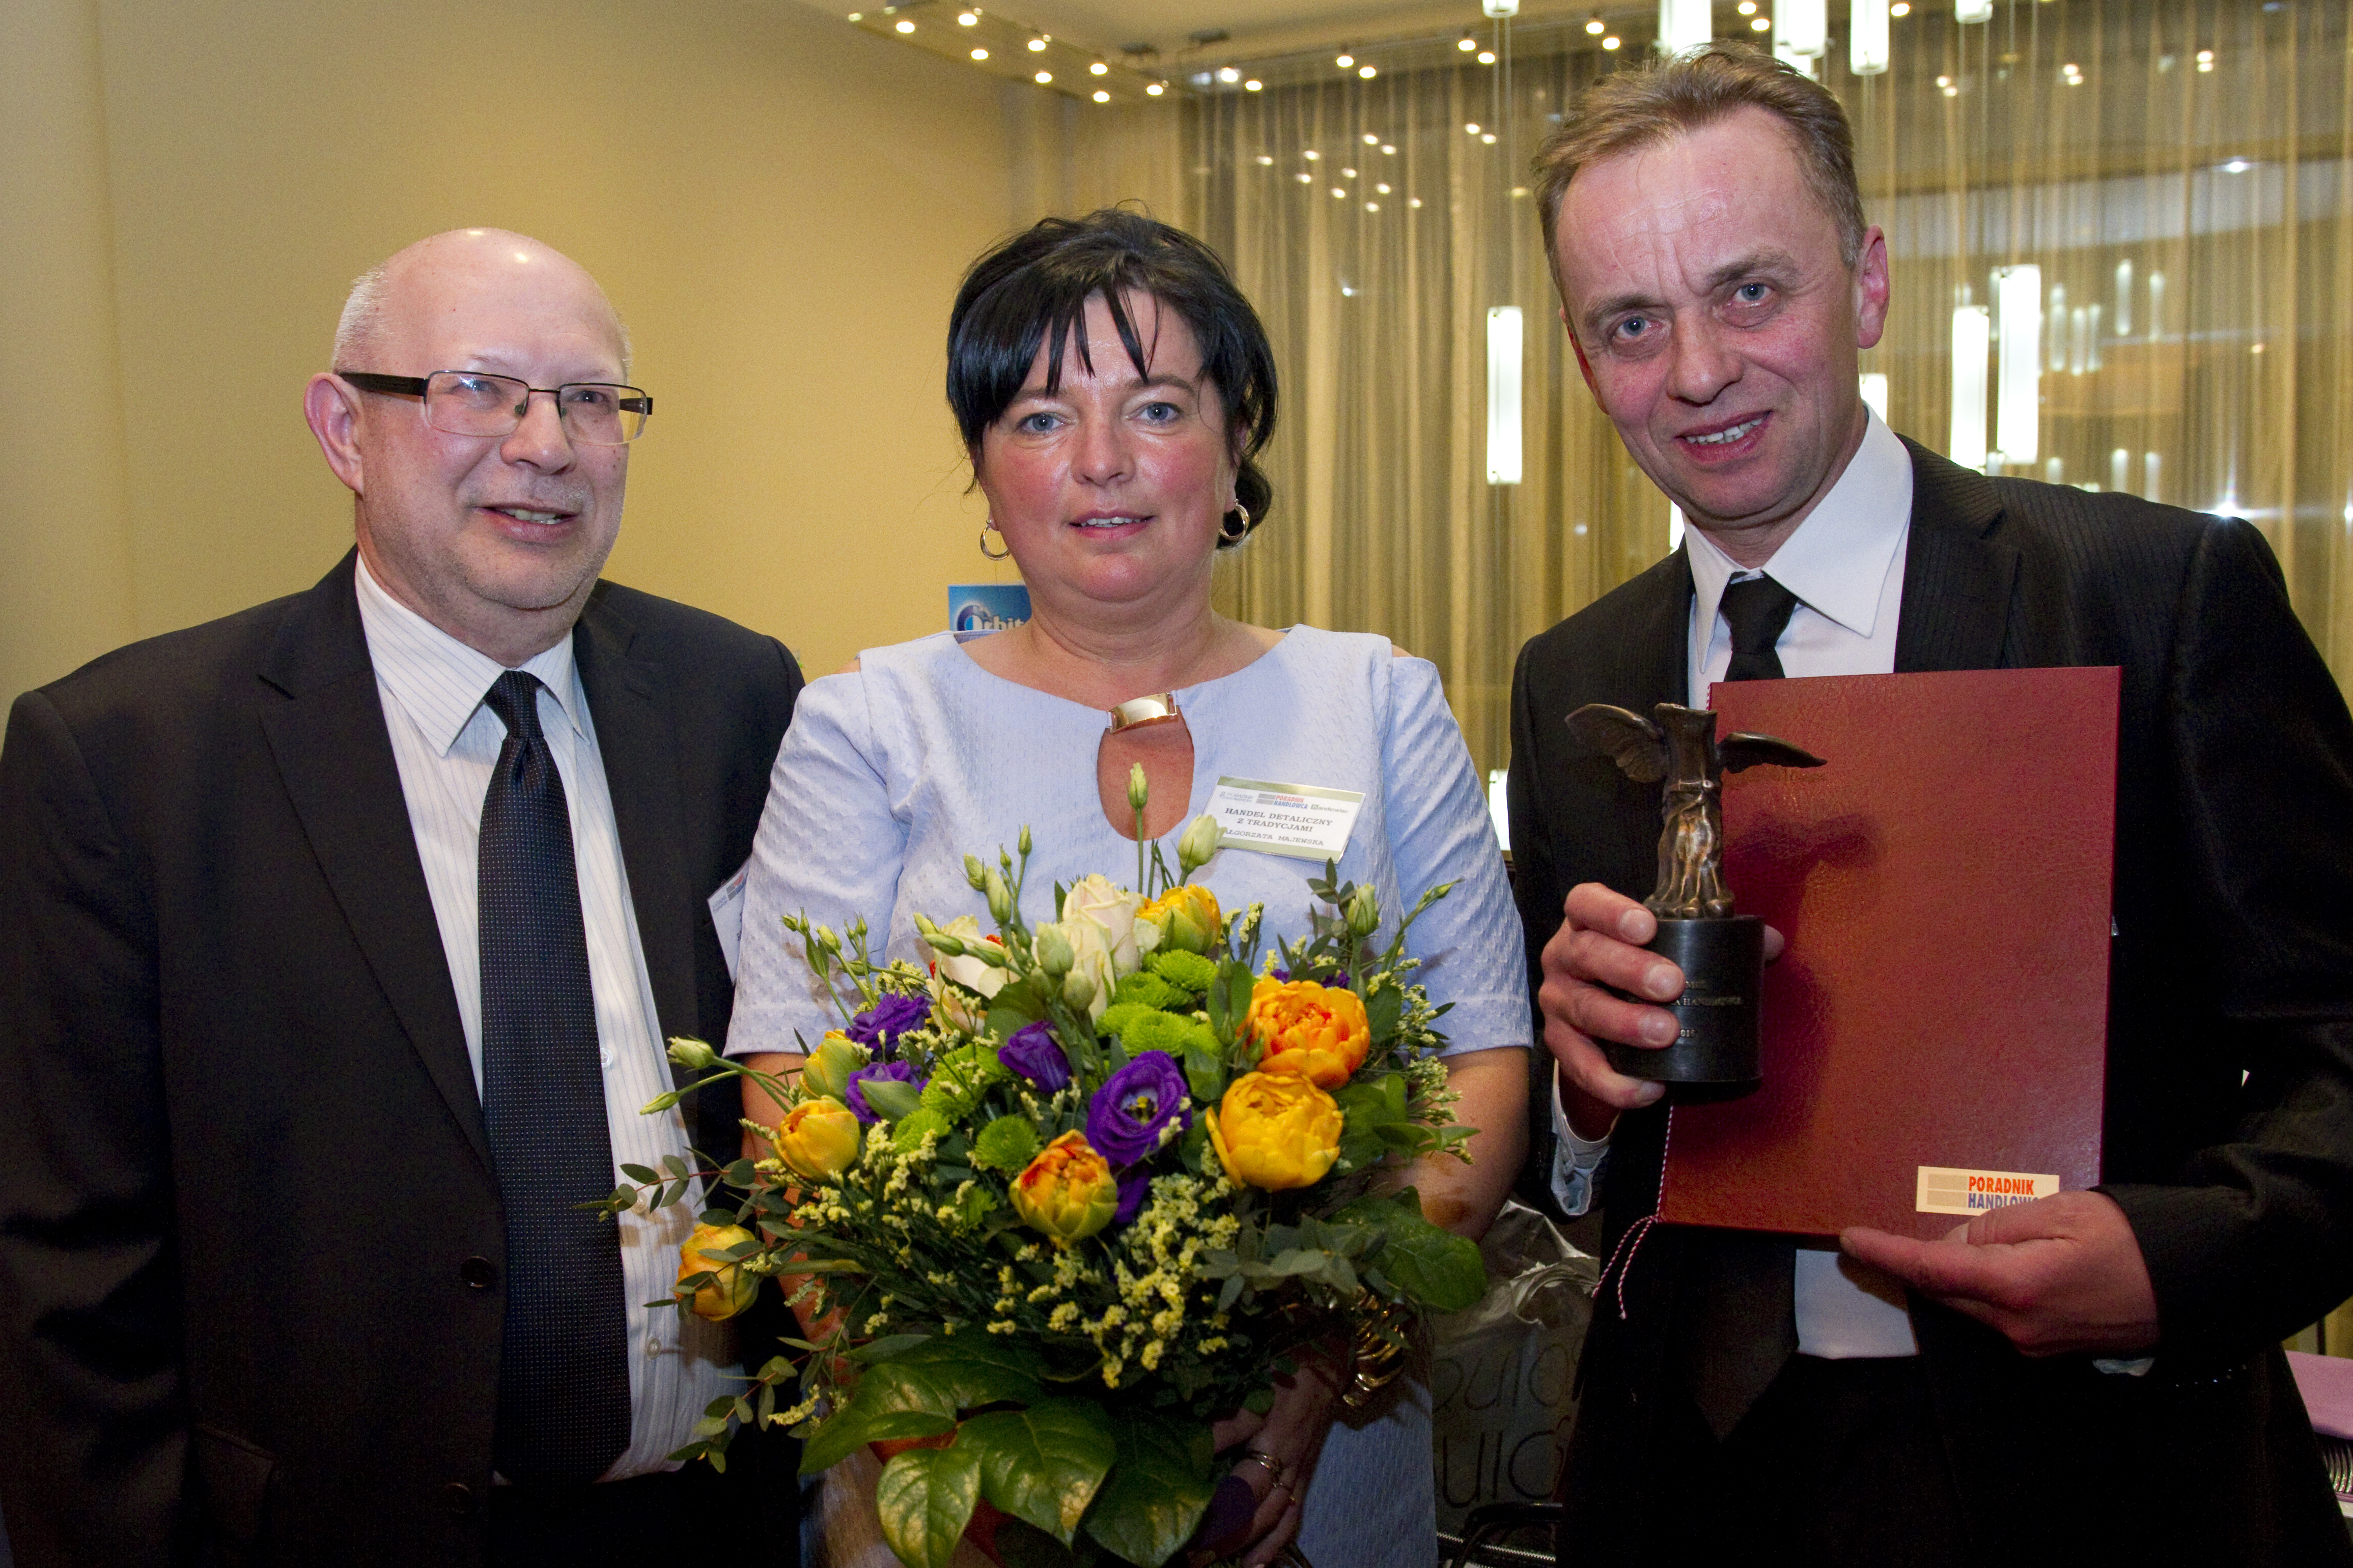 Małgorzata i Grzegorz Majewscy z nagrodą Hermesa w 2015 r. w kategorii Handel detaliczny z tradycjami